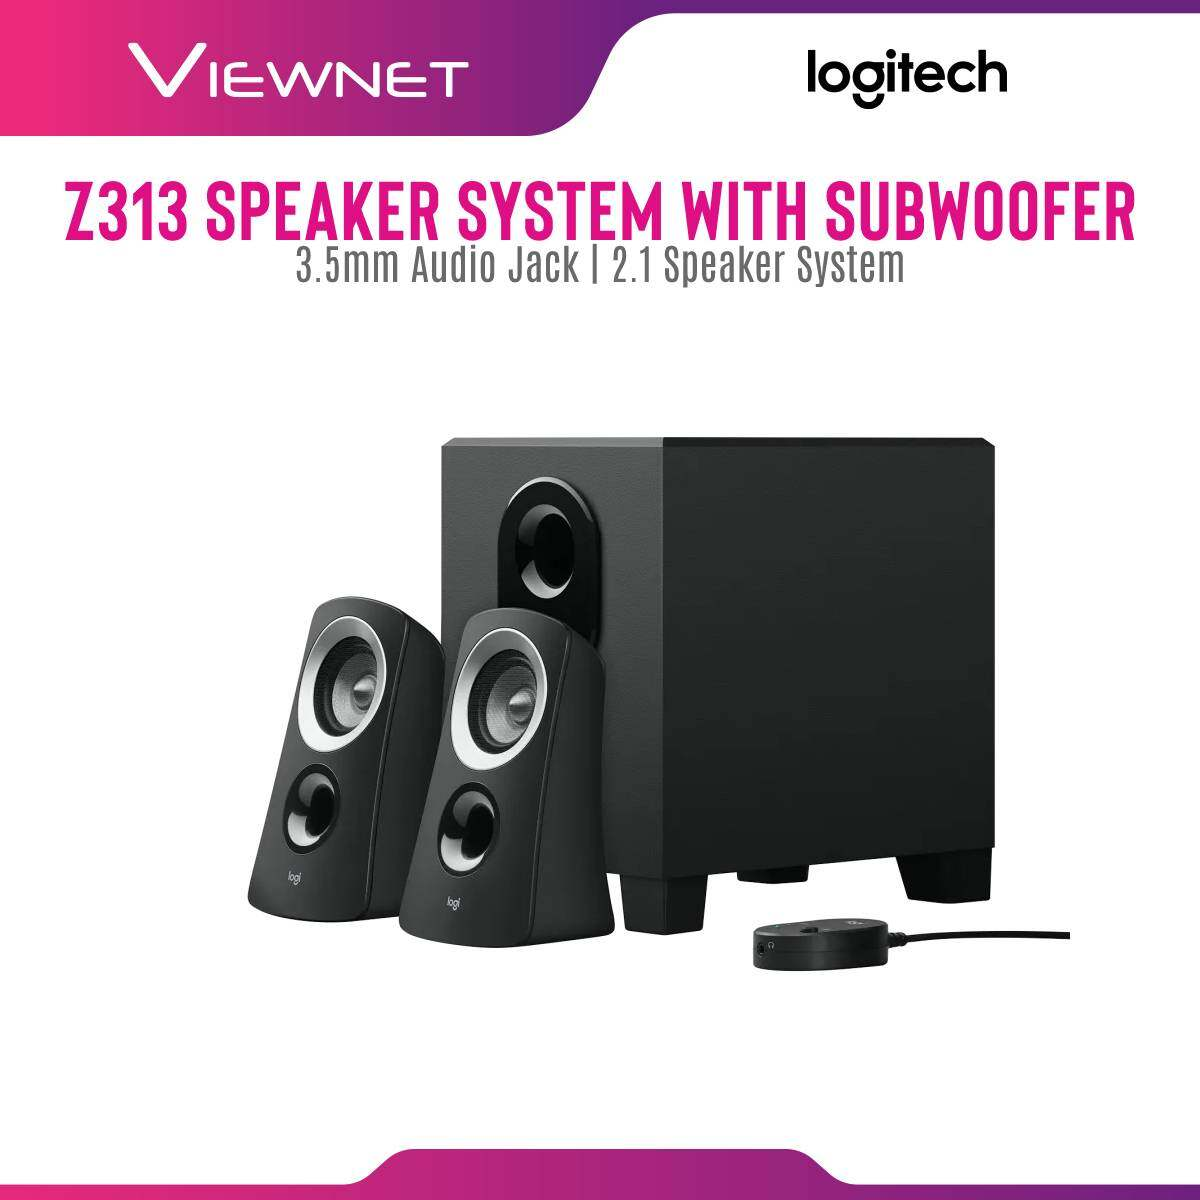 Logitech Z313 2.1 Speaker System with Subwoofer